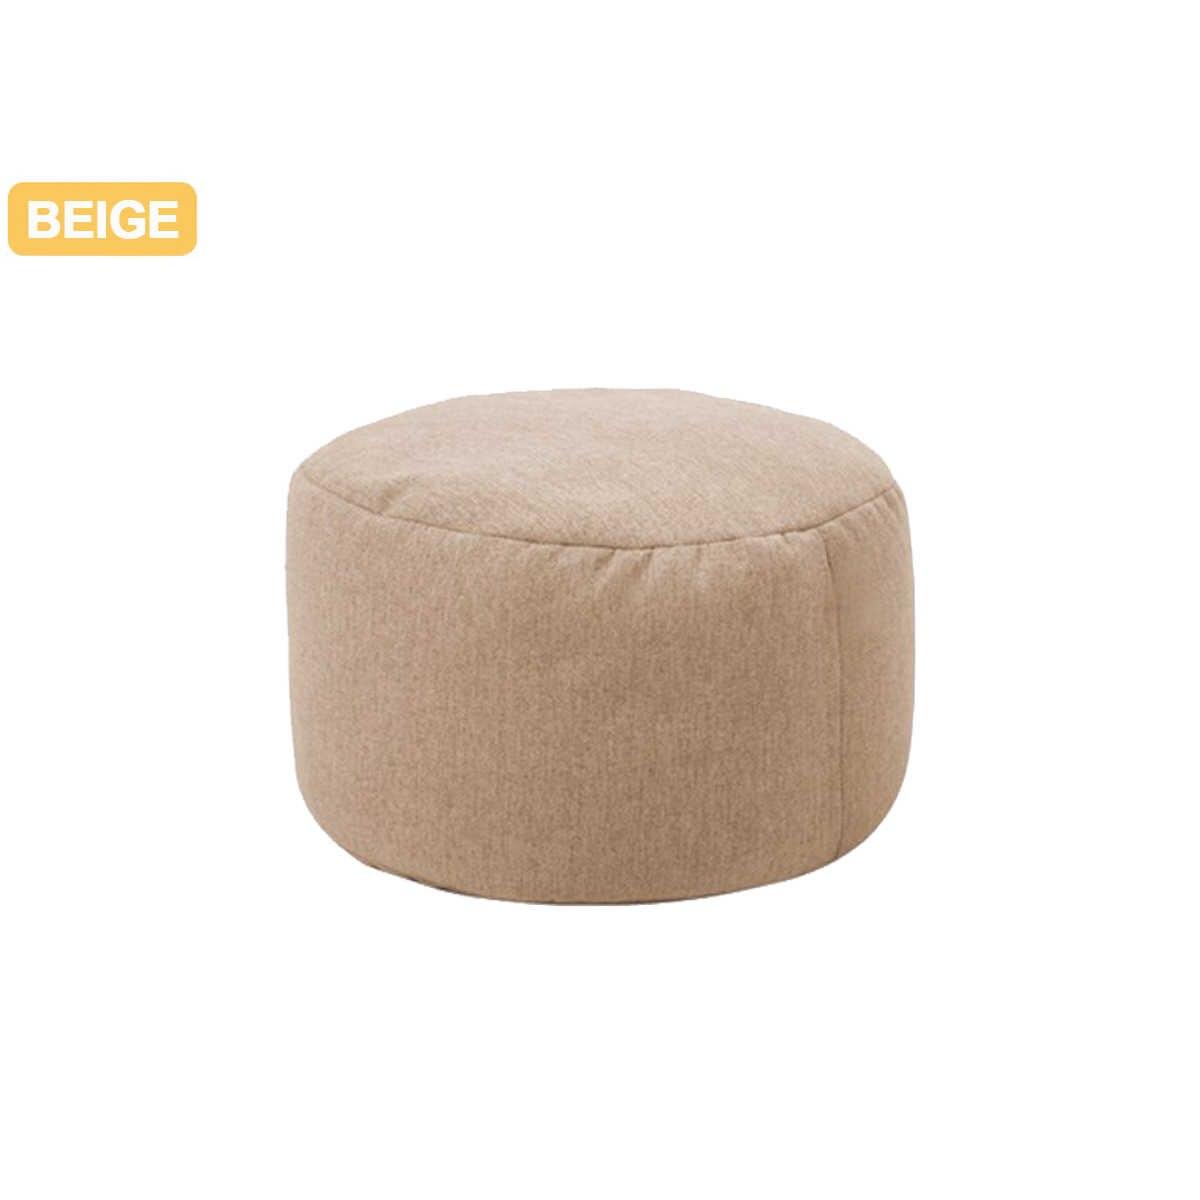 Pequeños sofás de puff redondos cubierta impermeable cama de juego silla de asiento bolsa de frijol de Color sólido Silla de algodón y lino para el sofá silla Cove